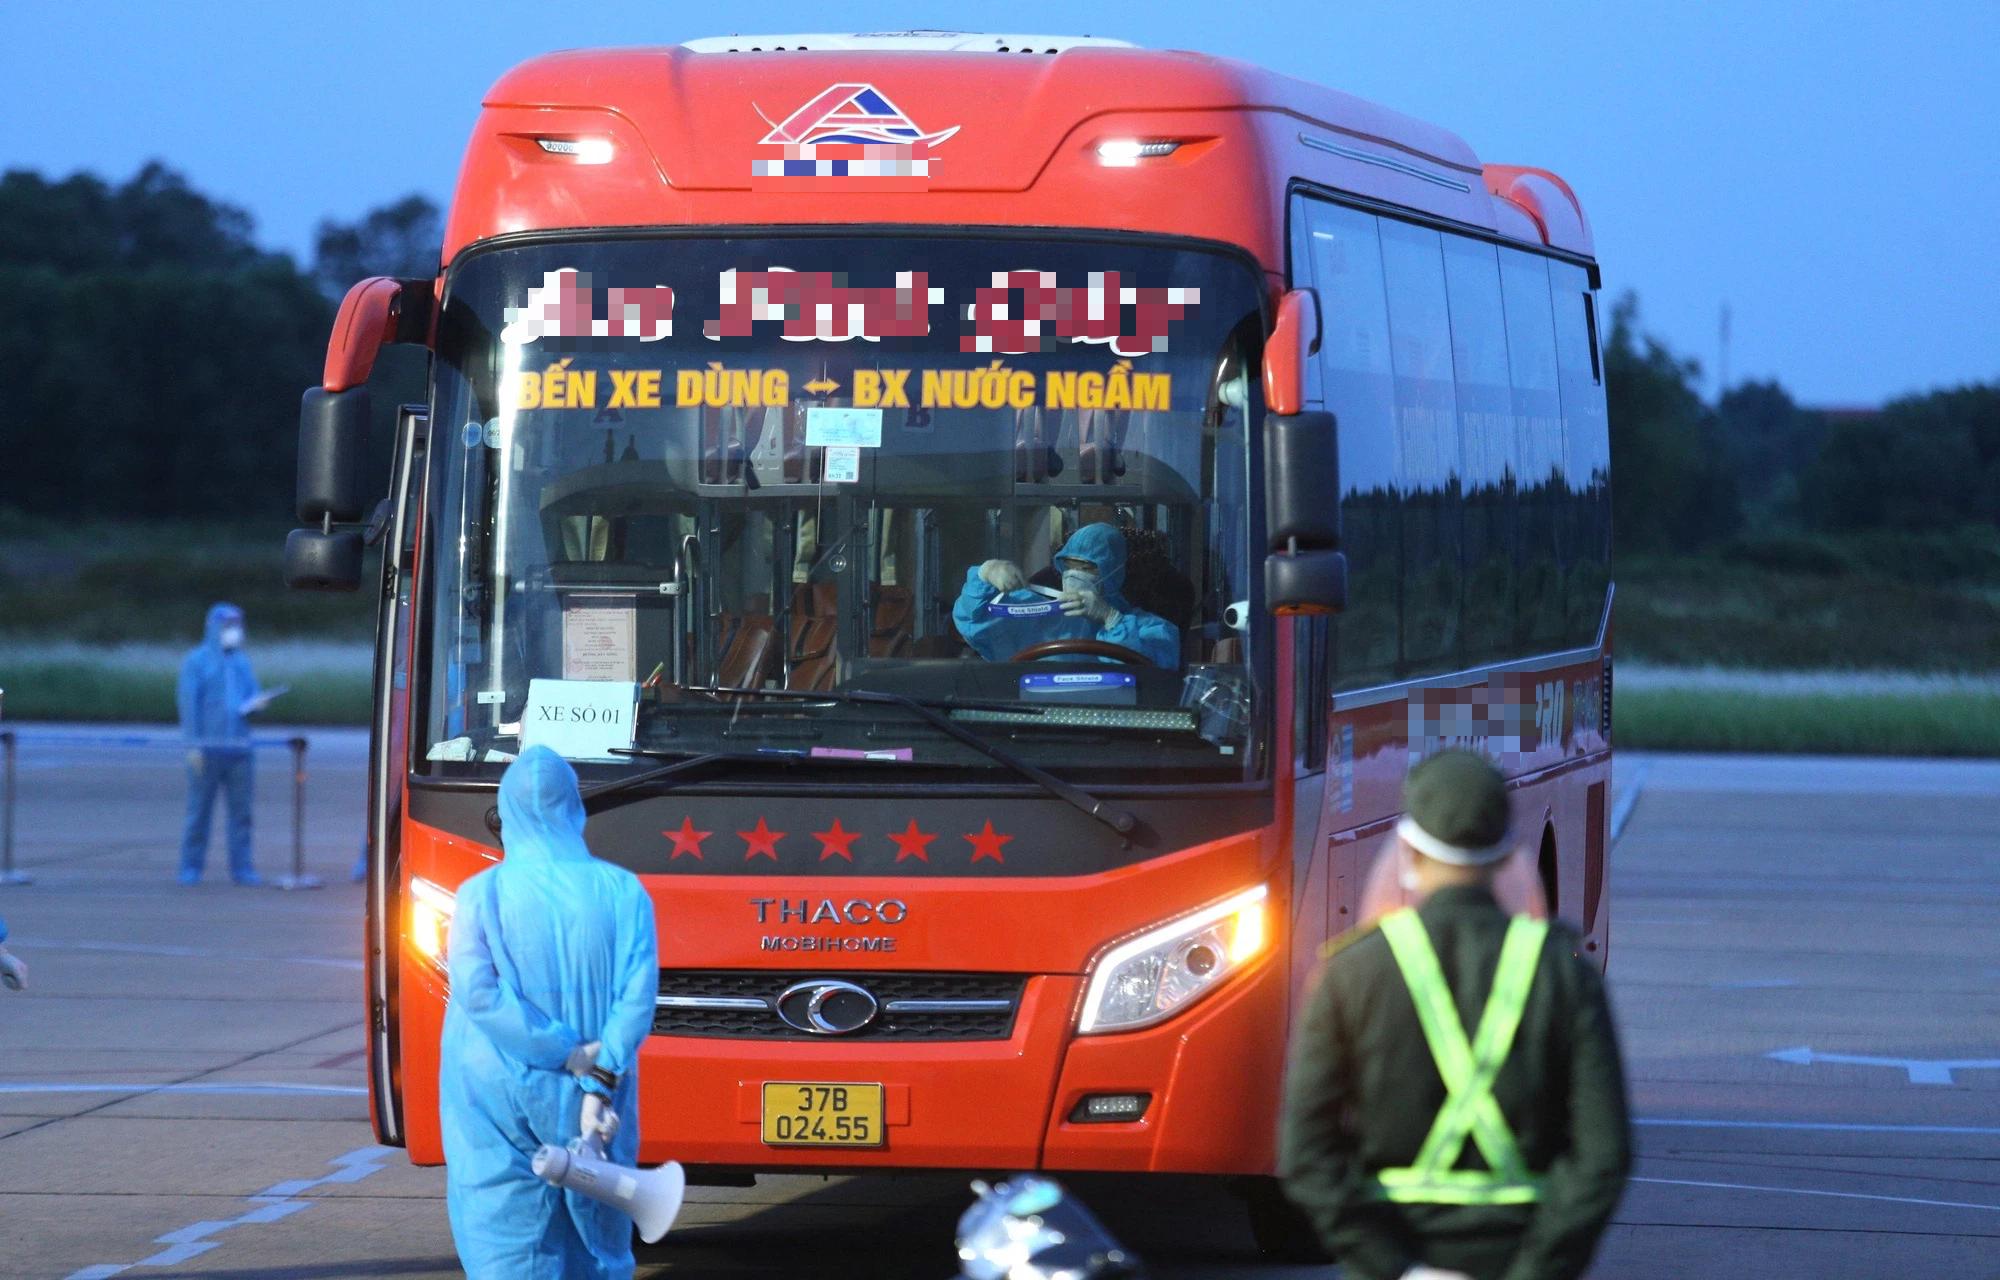 Chuyến bay miễn phí đầu tiên chở hơn 200 công dân từ miền Nam về Nghệ An - Ảnh 4.